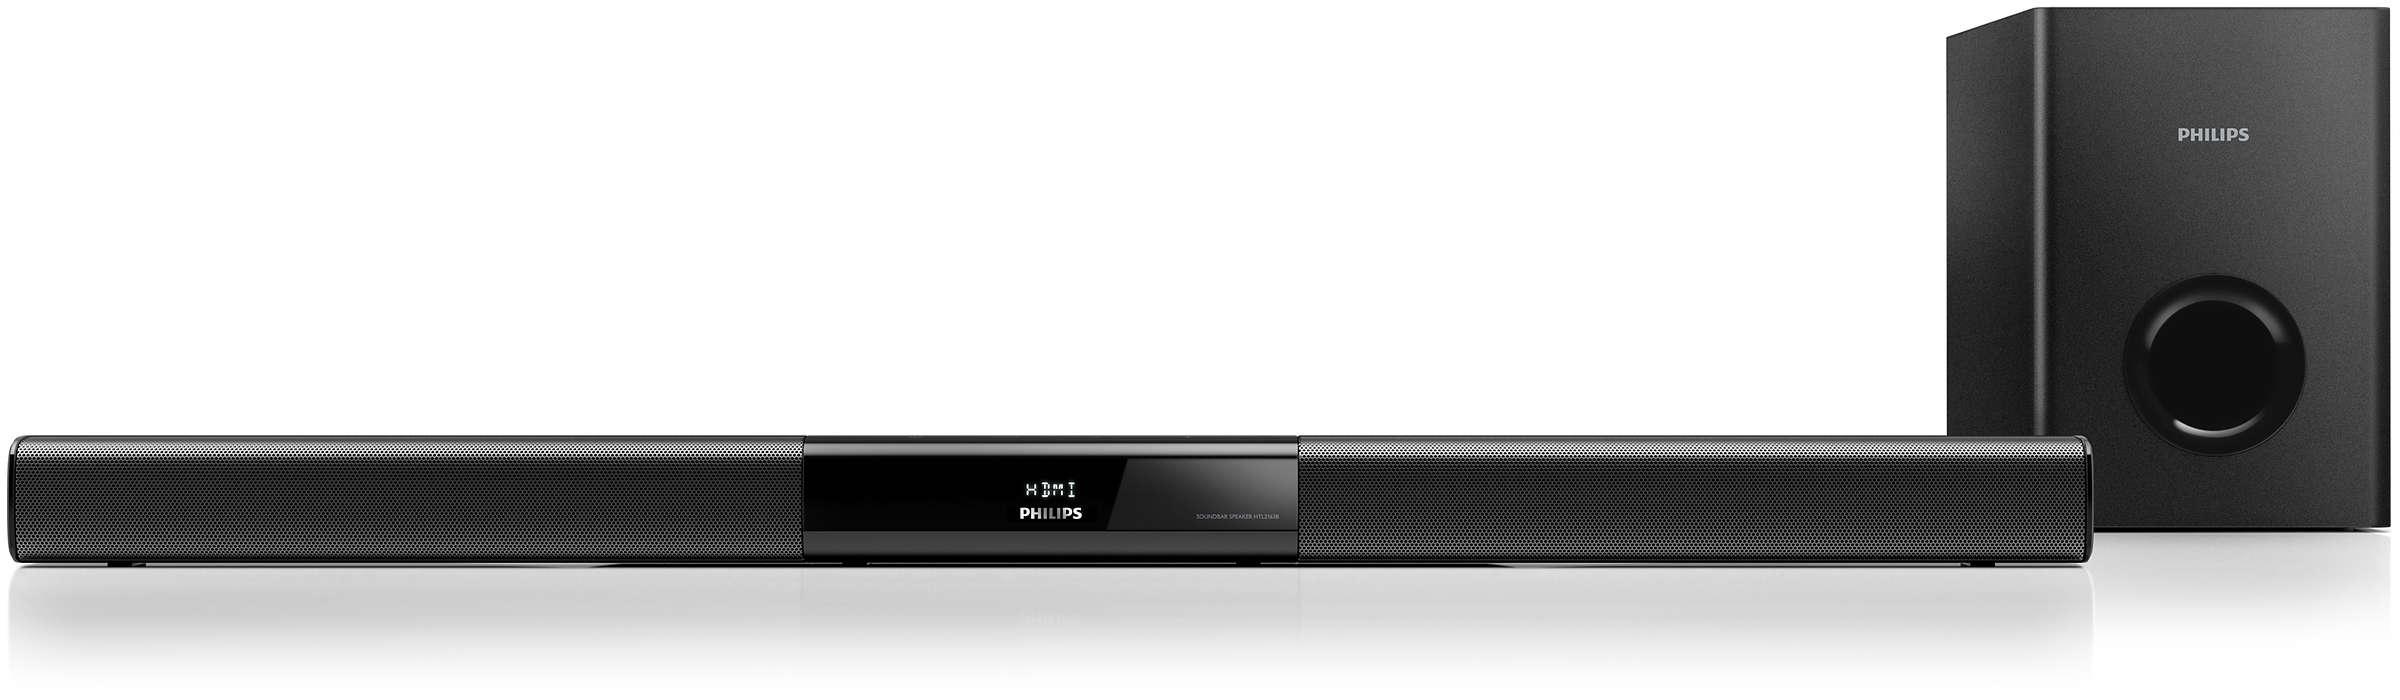 Silný zvuk pro jakýkoli televizor